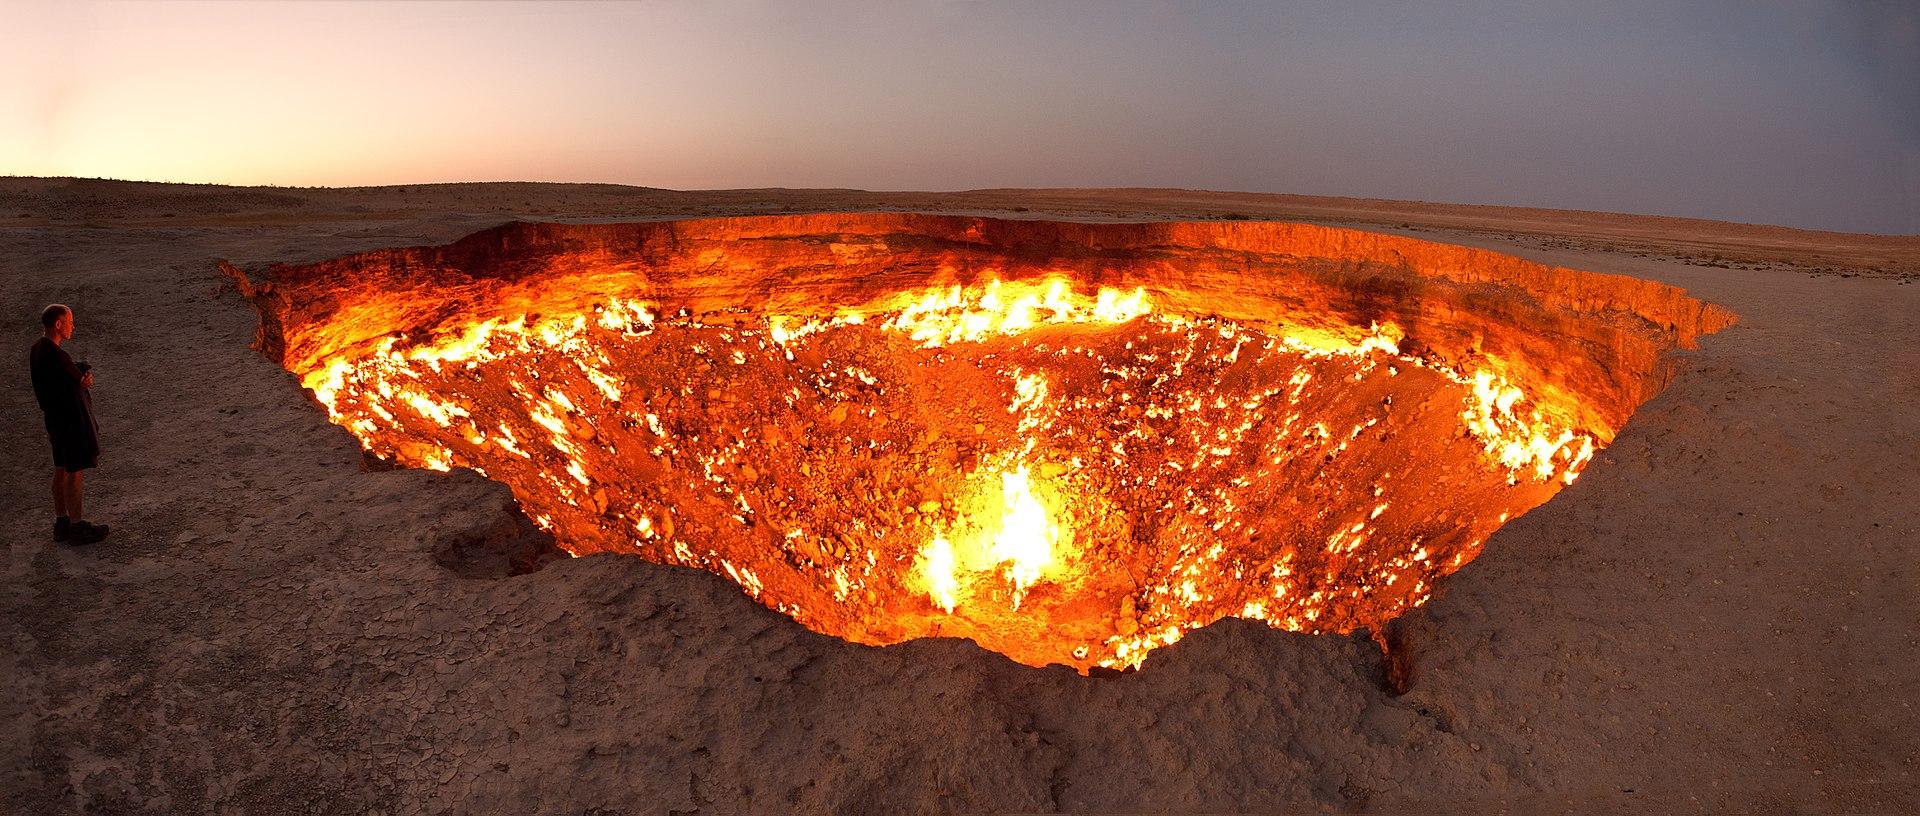 Cratere di Darvasa: drone riprende le profondità della 'Porta dell'Inferno'. Il video